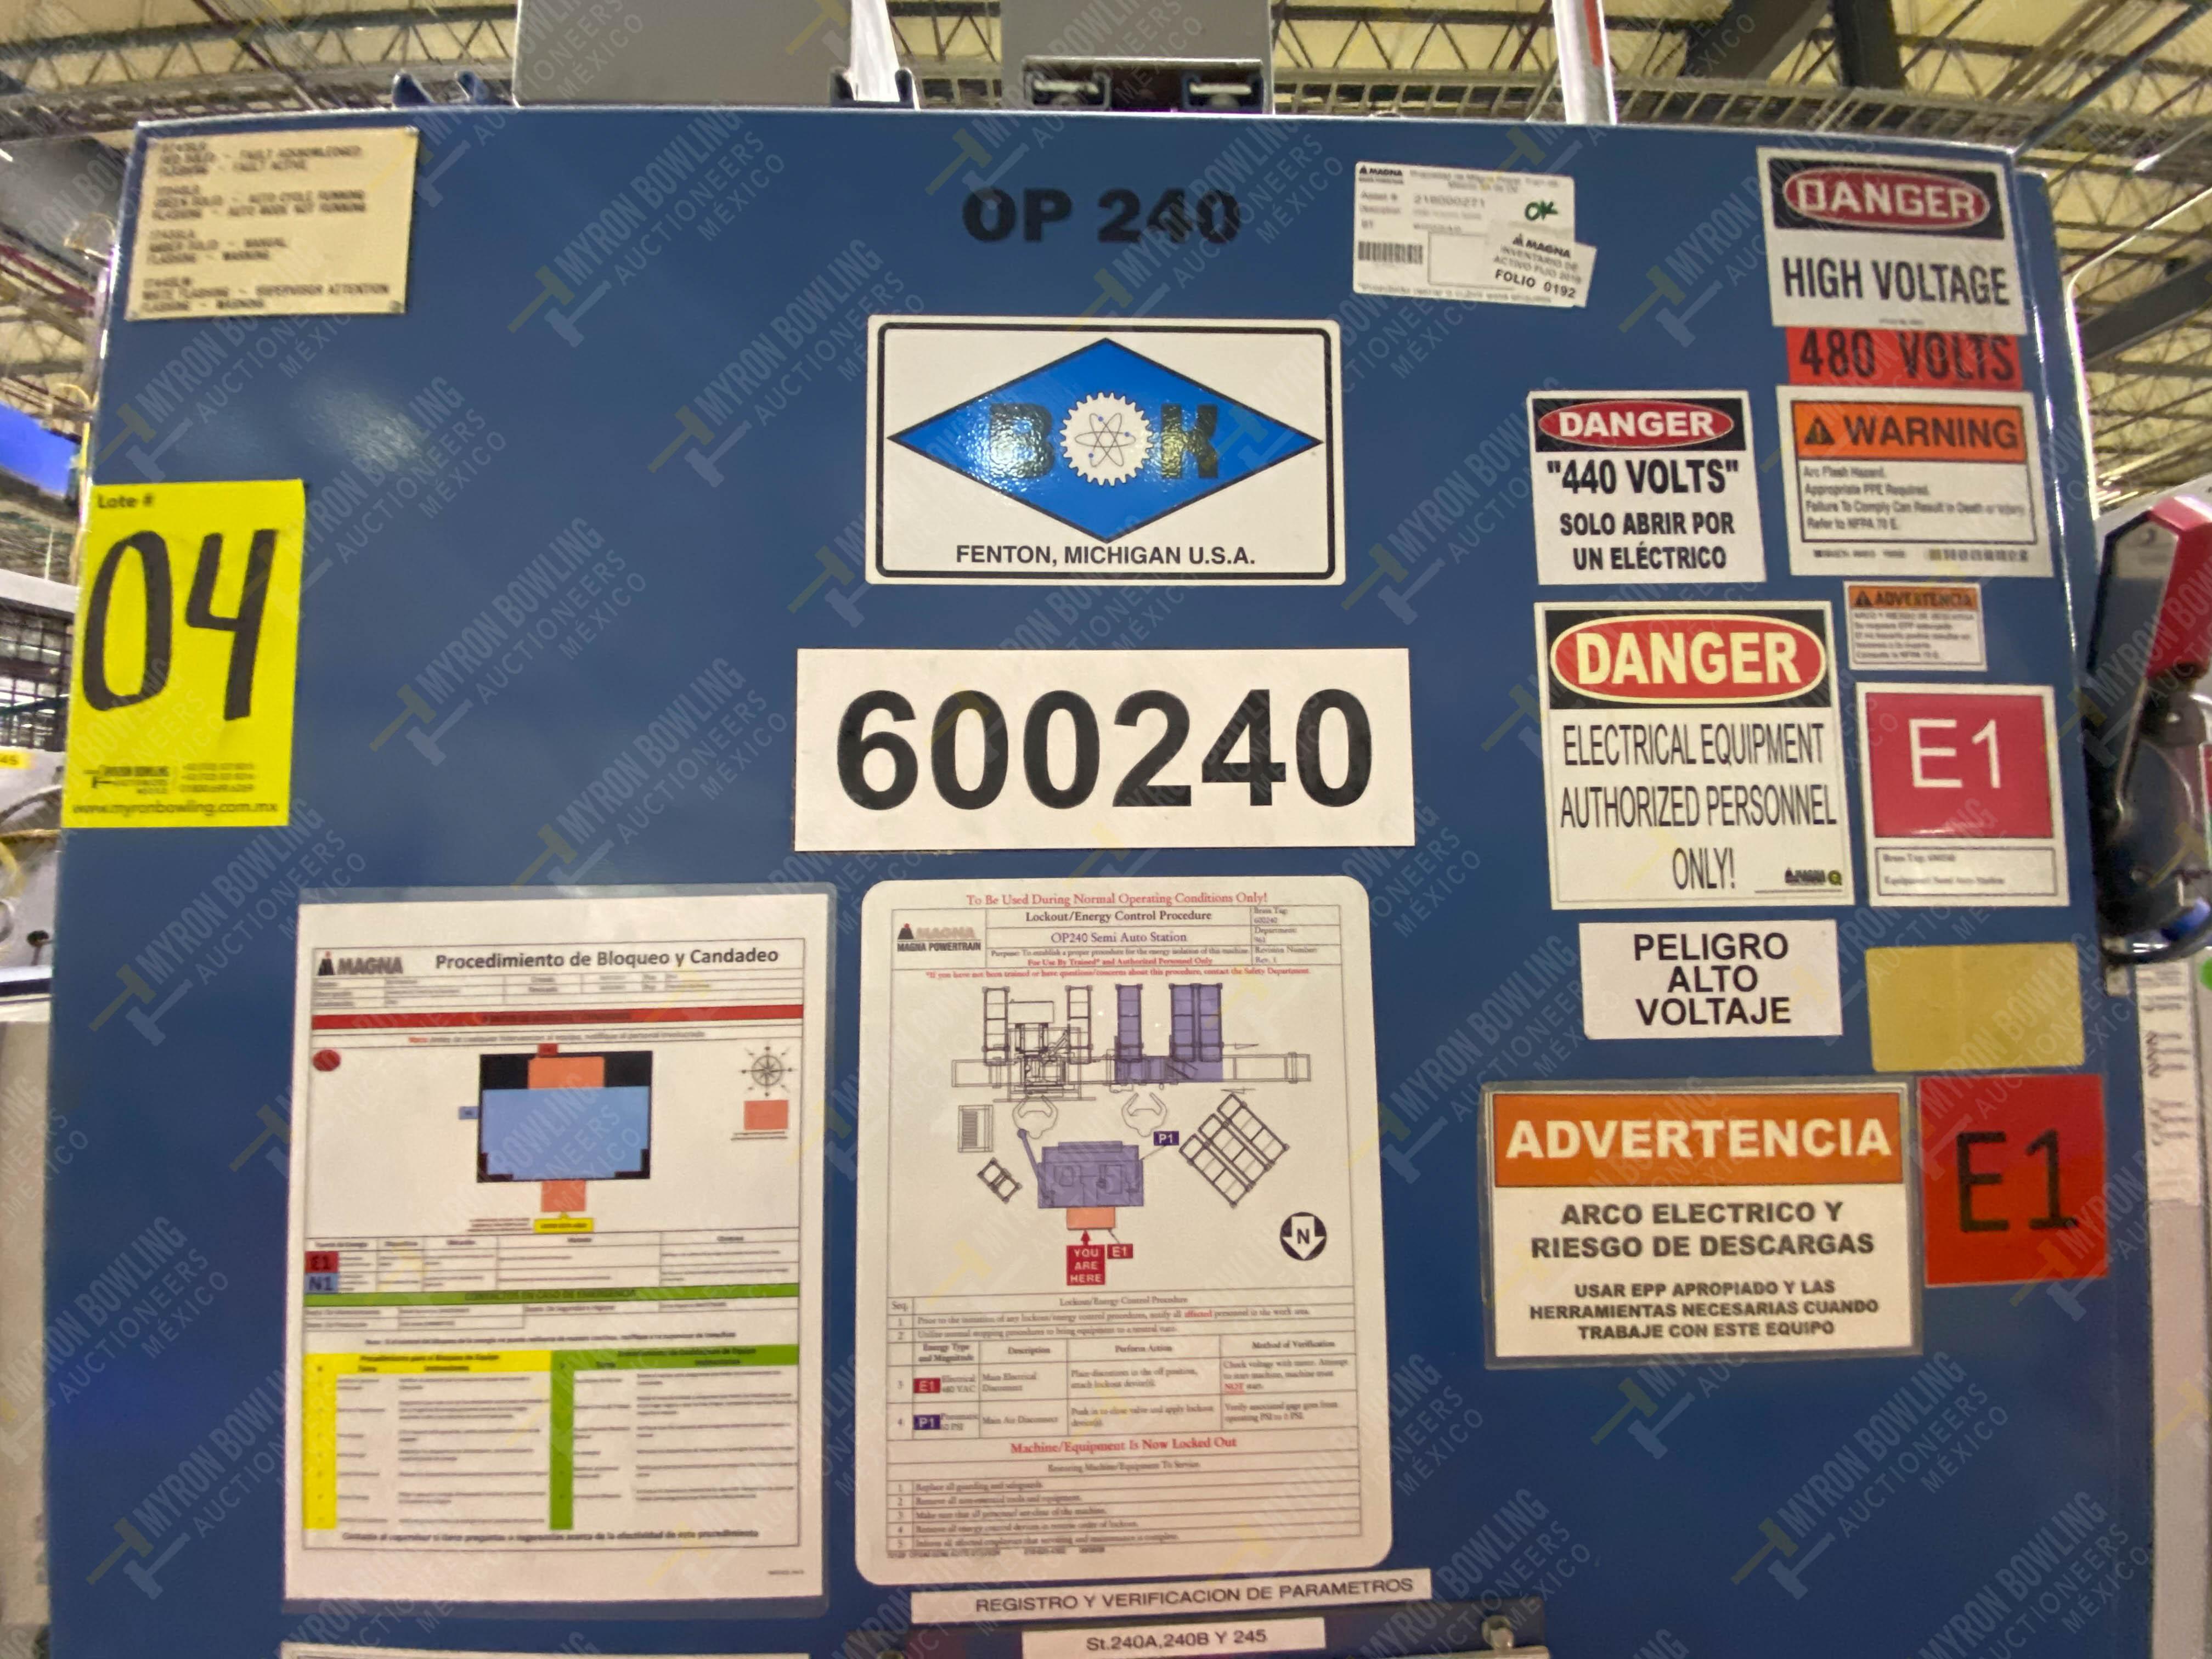 Estación semiautomática para operación 240A de ensamble de balero - Image 23 of 29